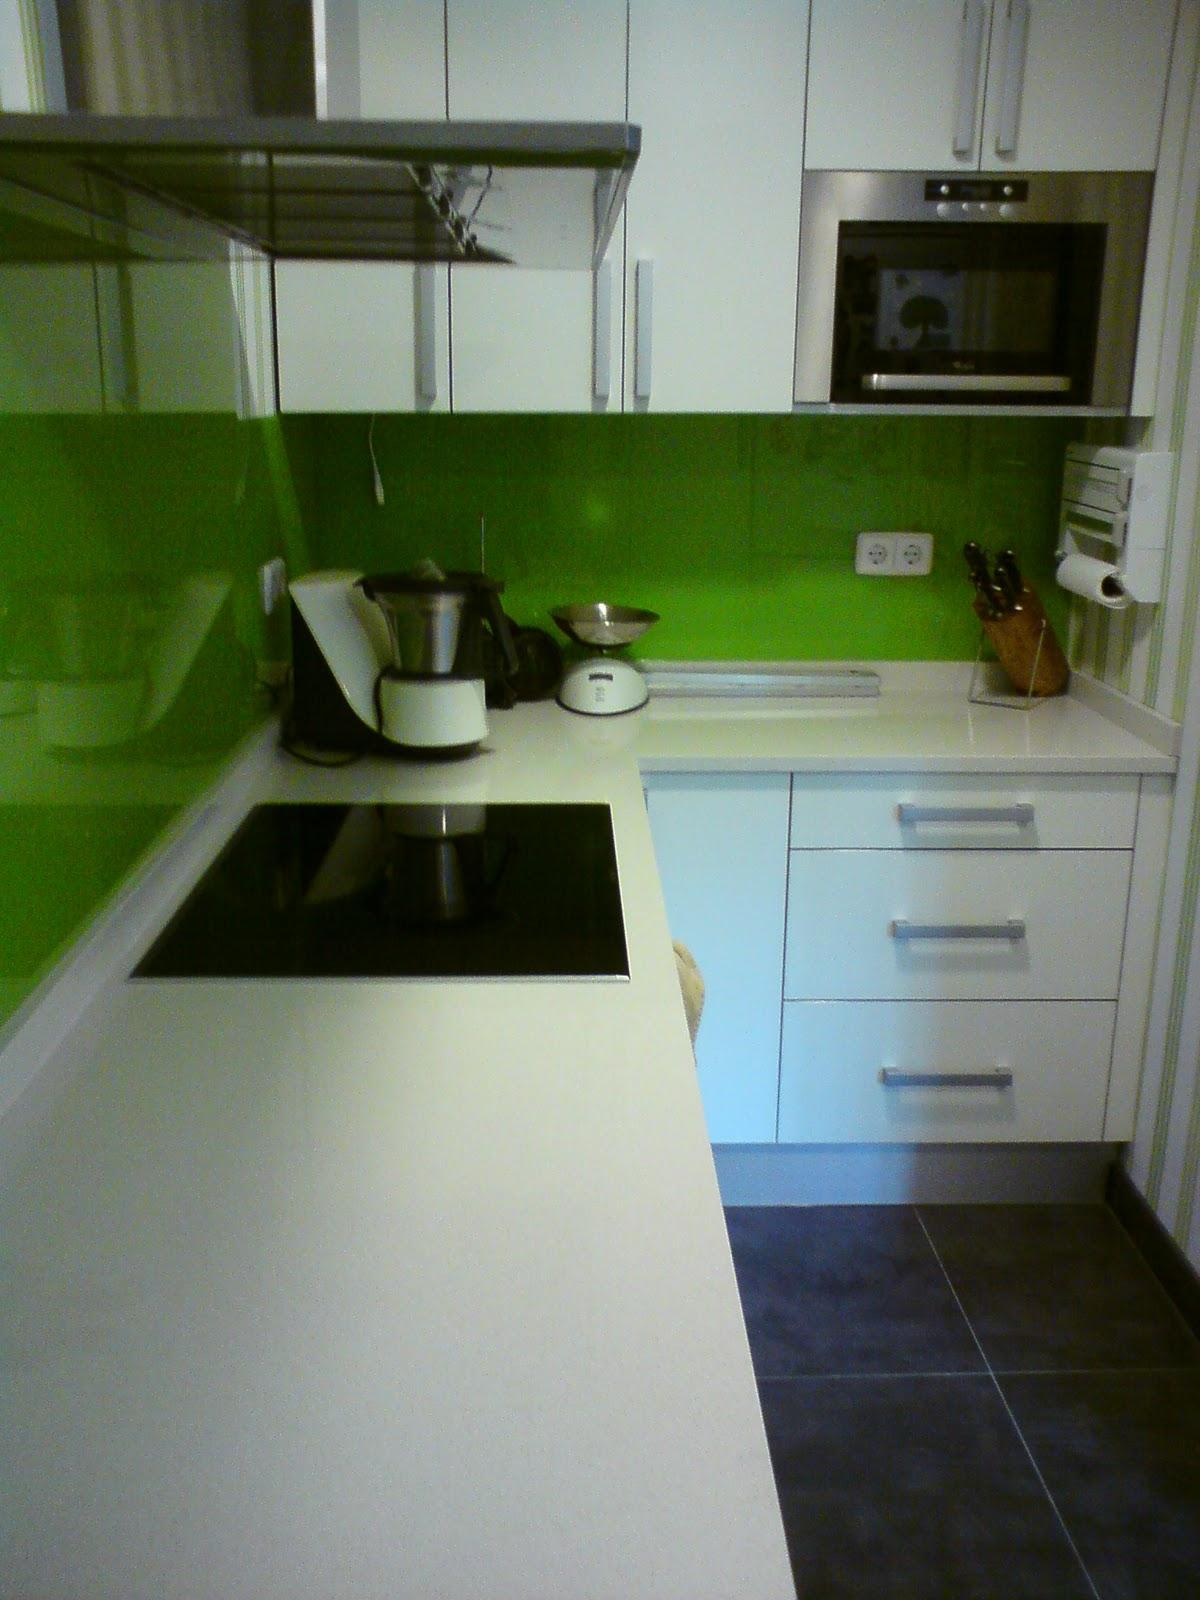 Dise o y decoraci n de cocinas marzo 2011 for Diseno y decoracion de cocinas